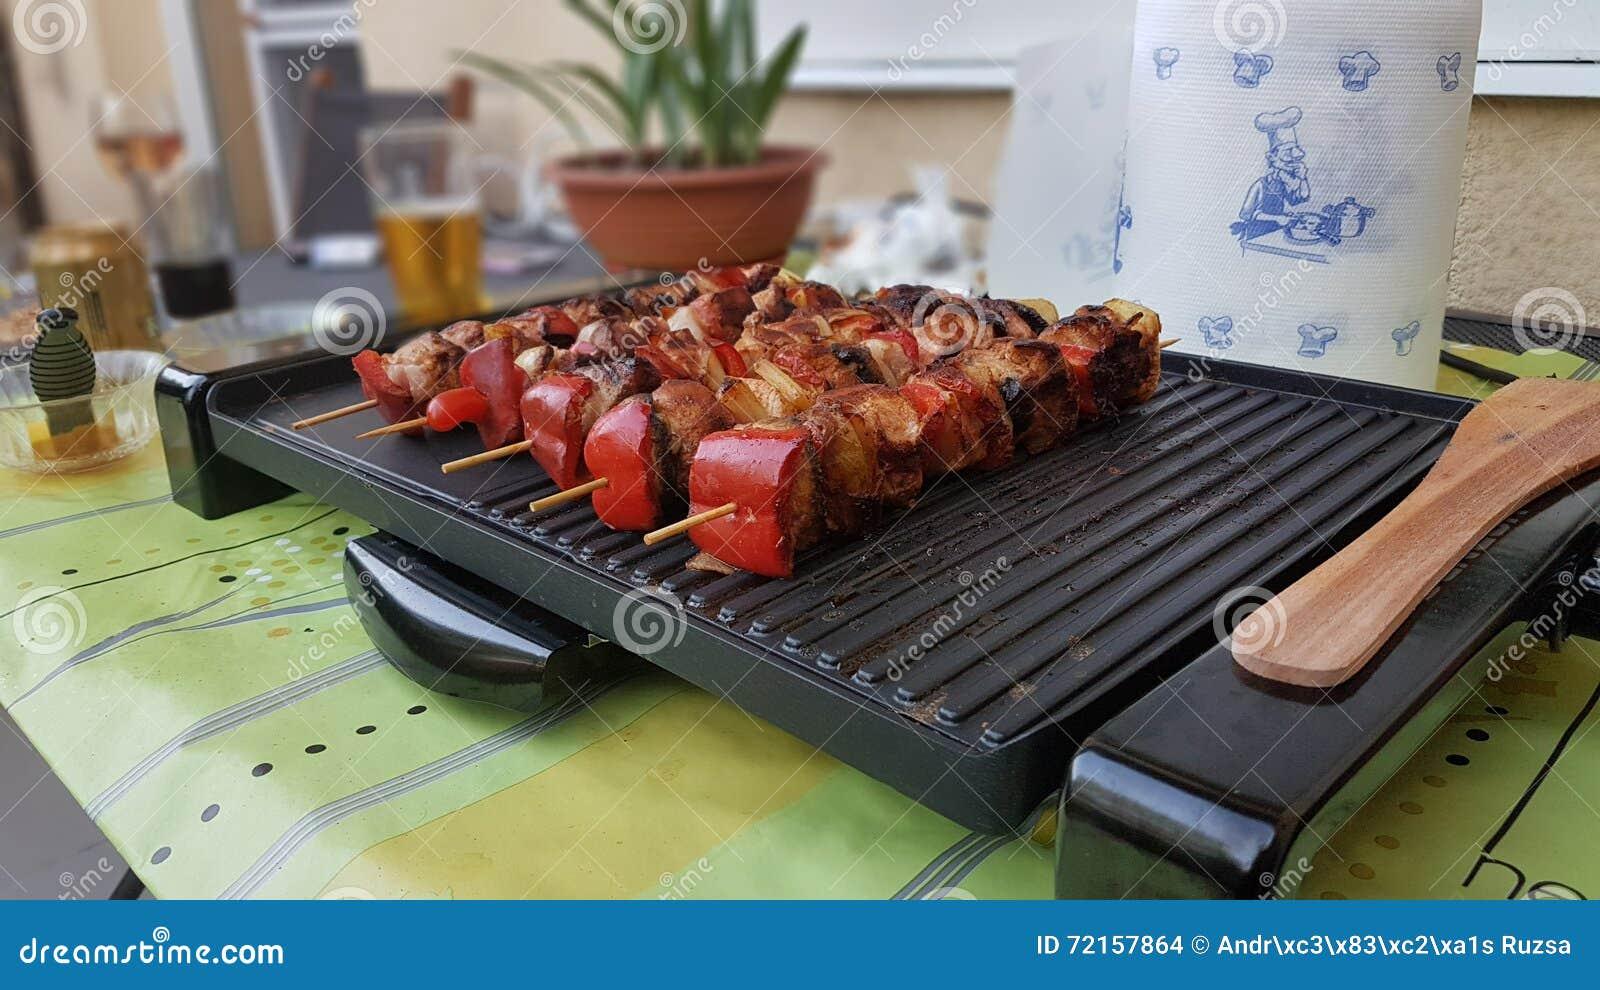 Outdoor Küche Aus Ungarn : Ungarische küche saslik rablà ³ hús stockfoto bild von